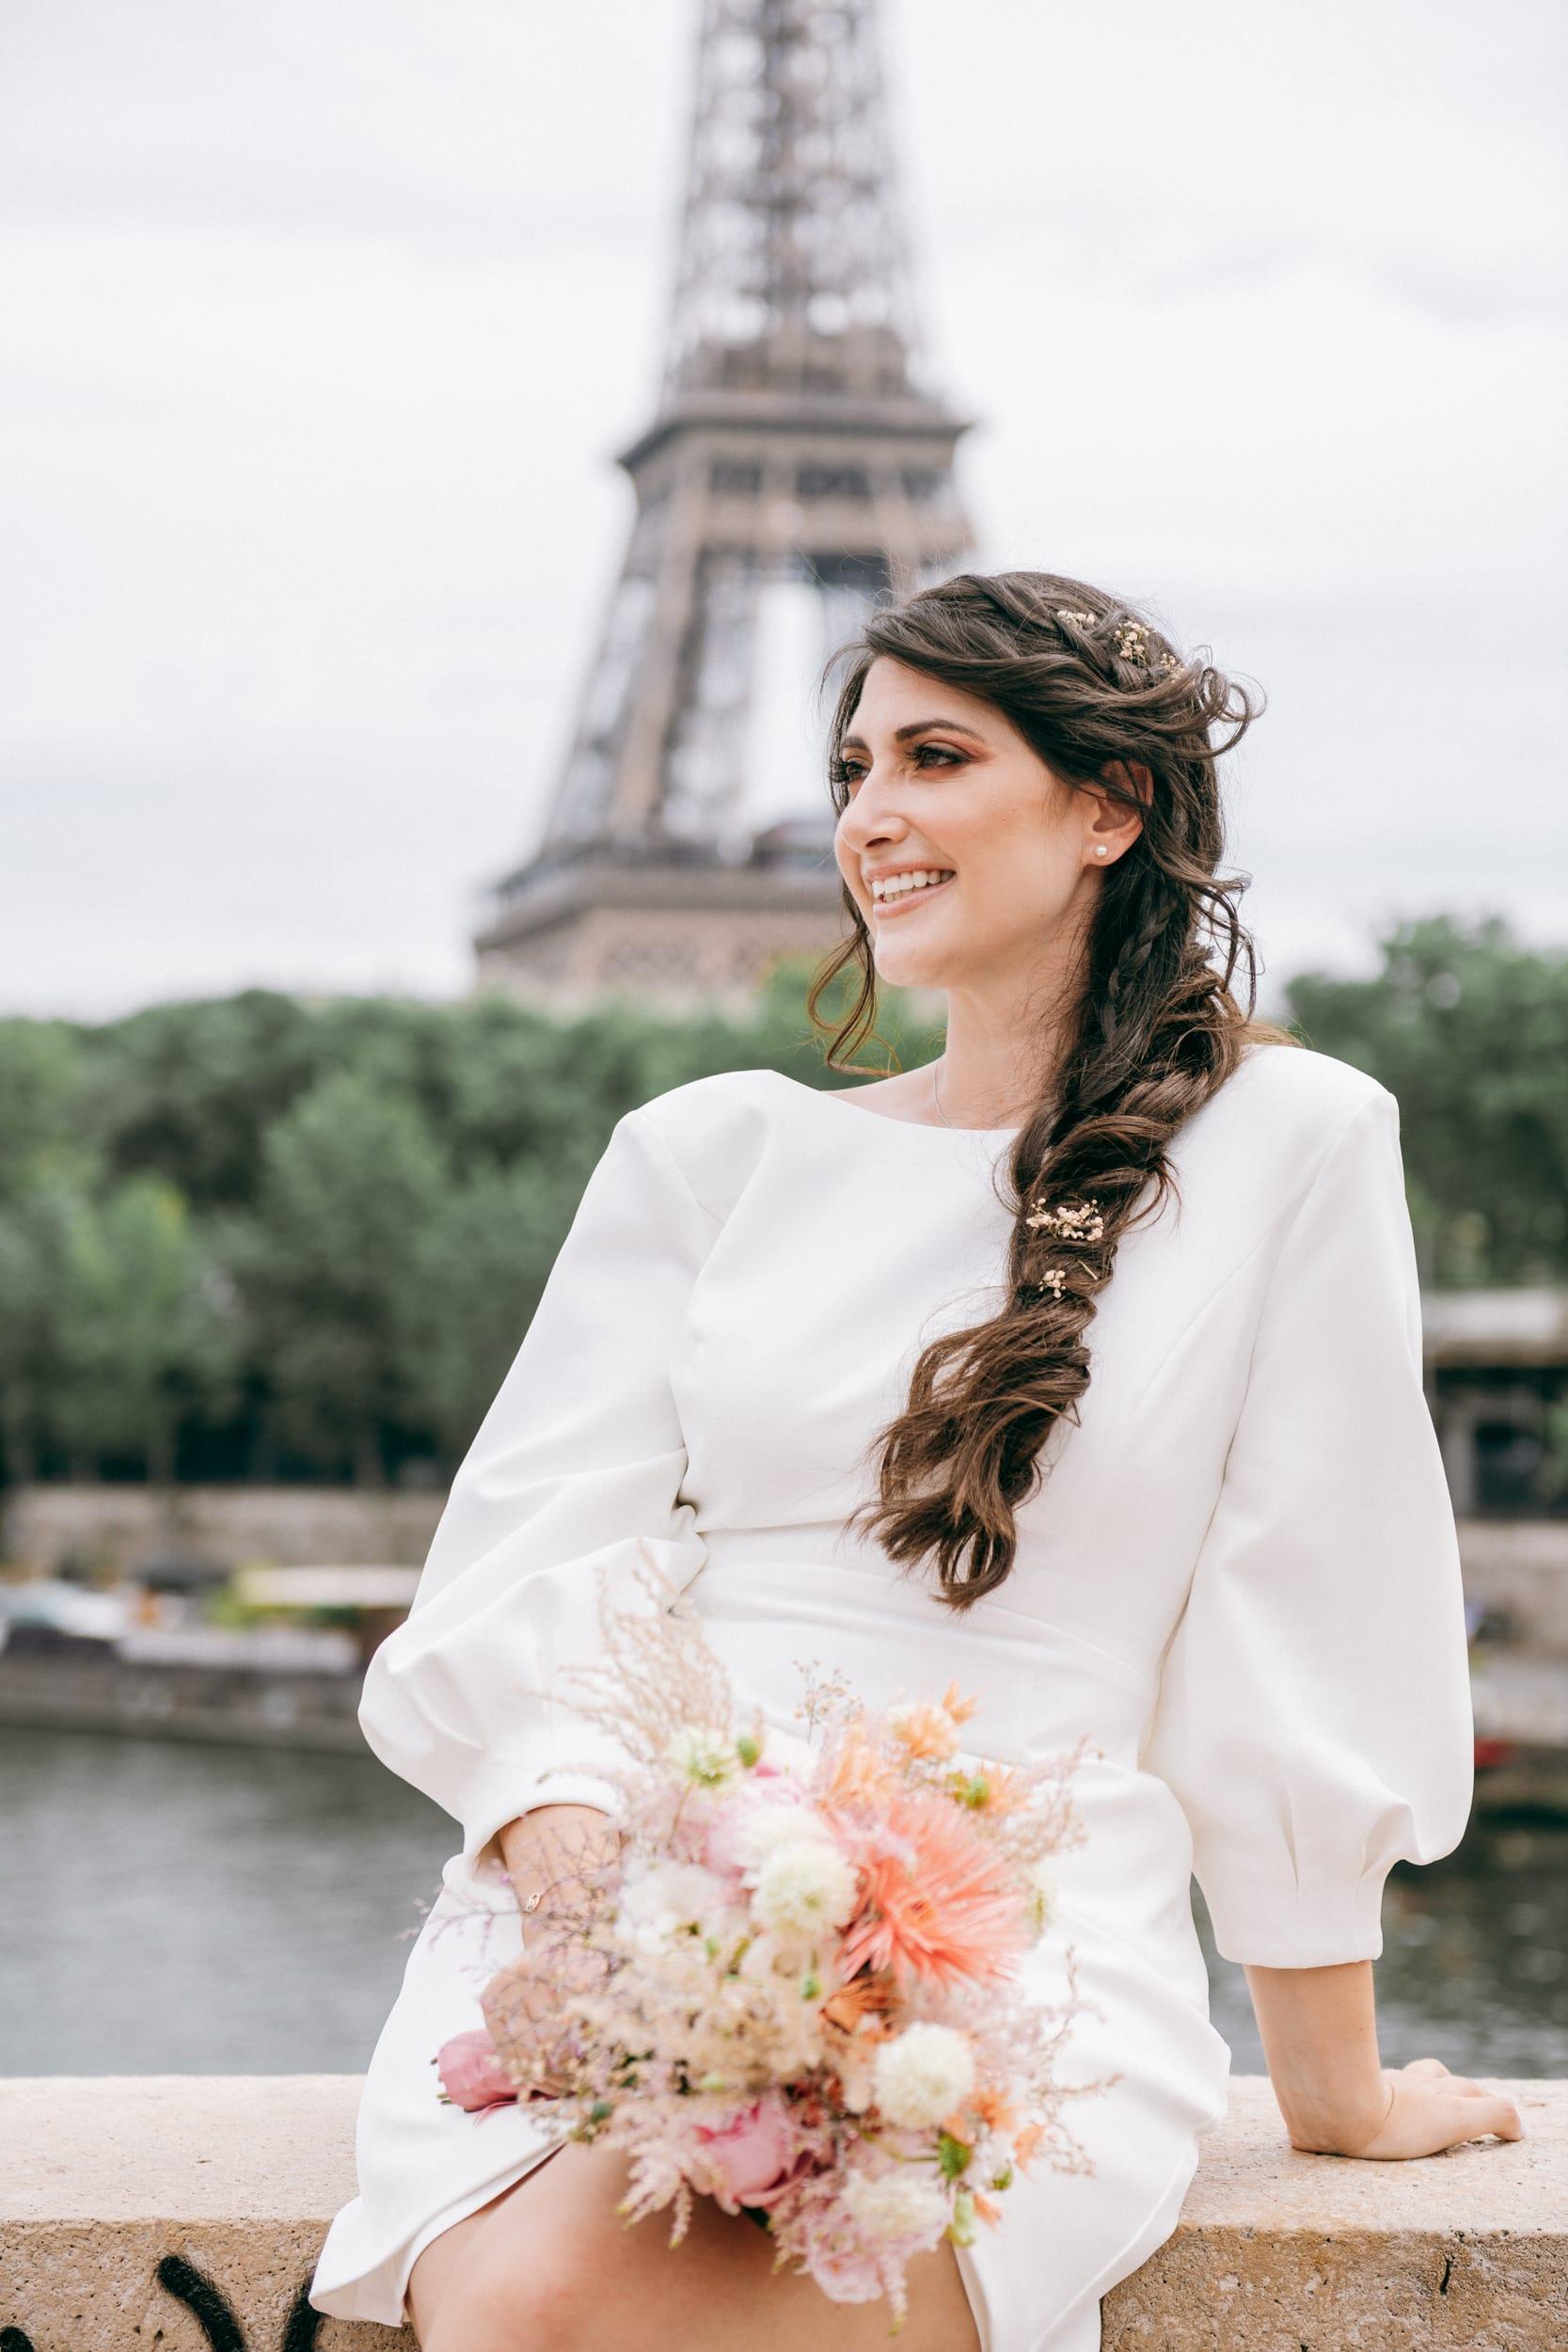 Aurore et Charles-8151Photographe de Mariage buttes chaumont paris Mairie 75019